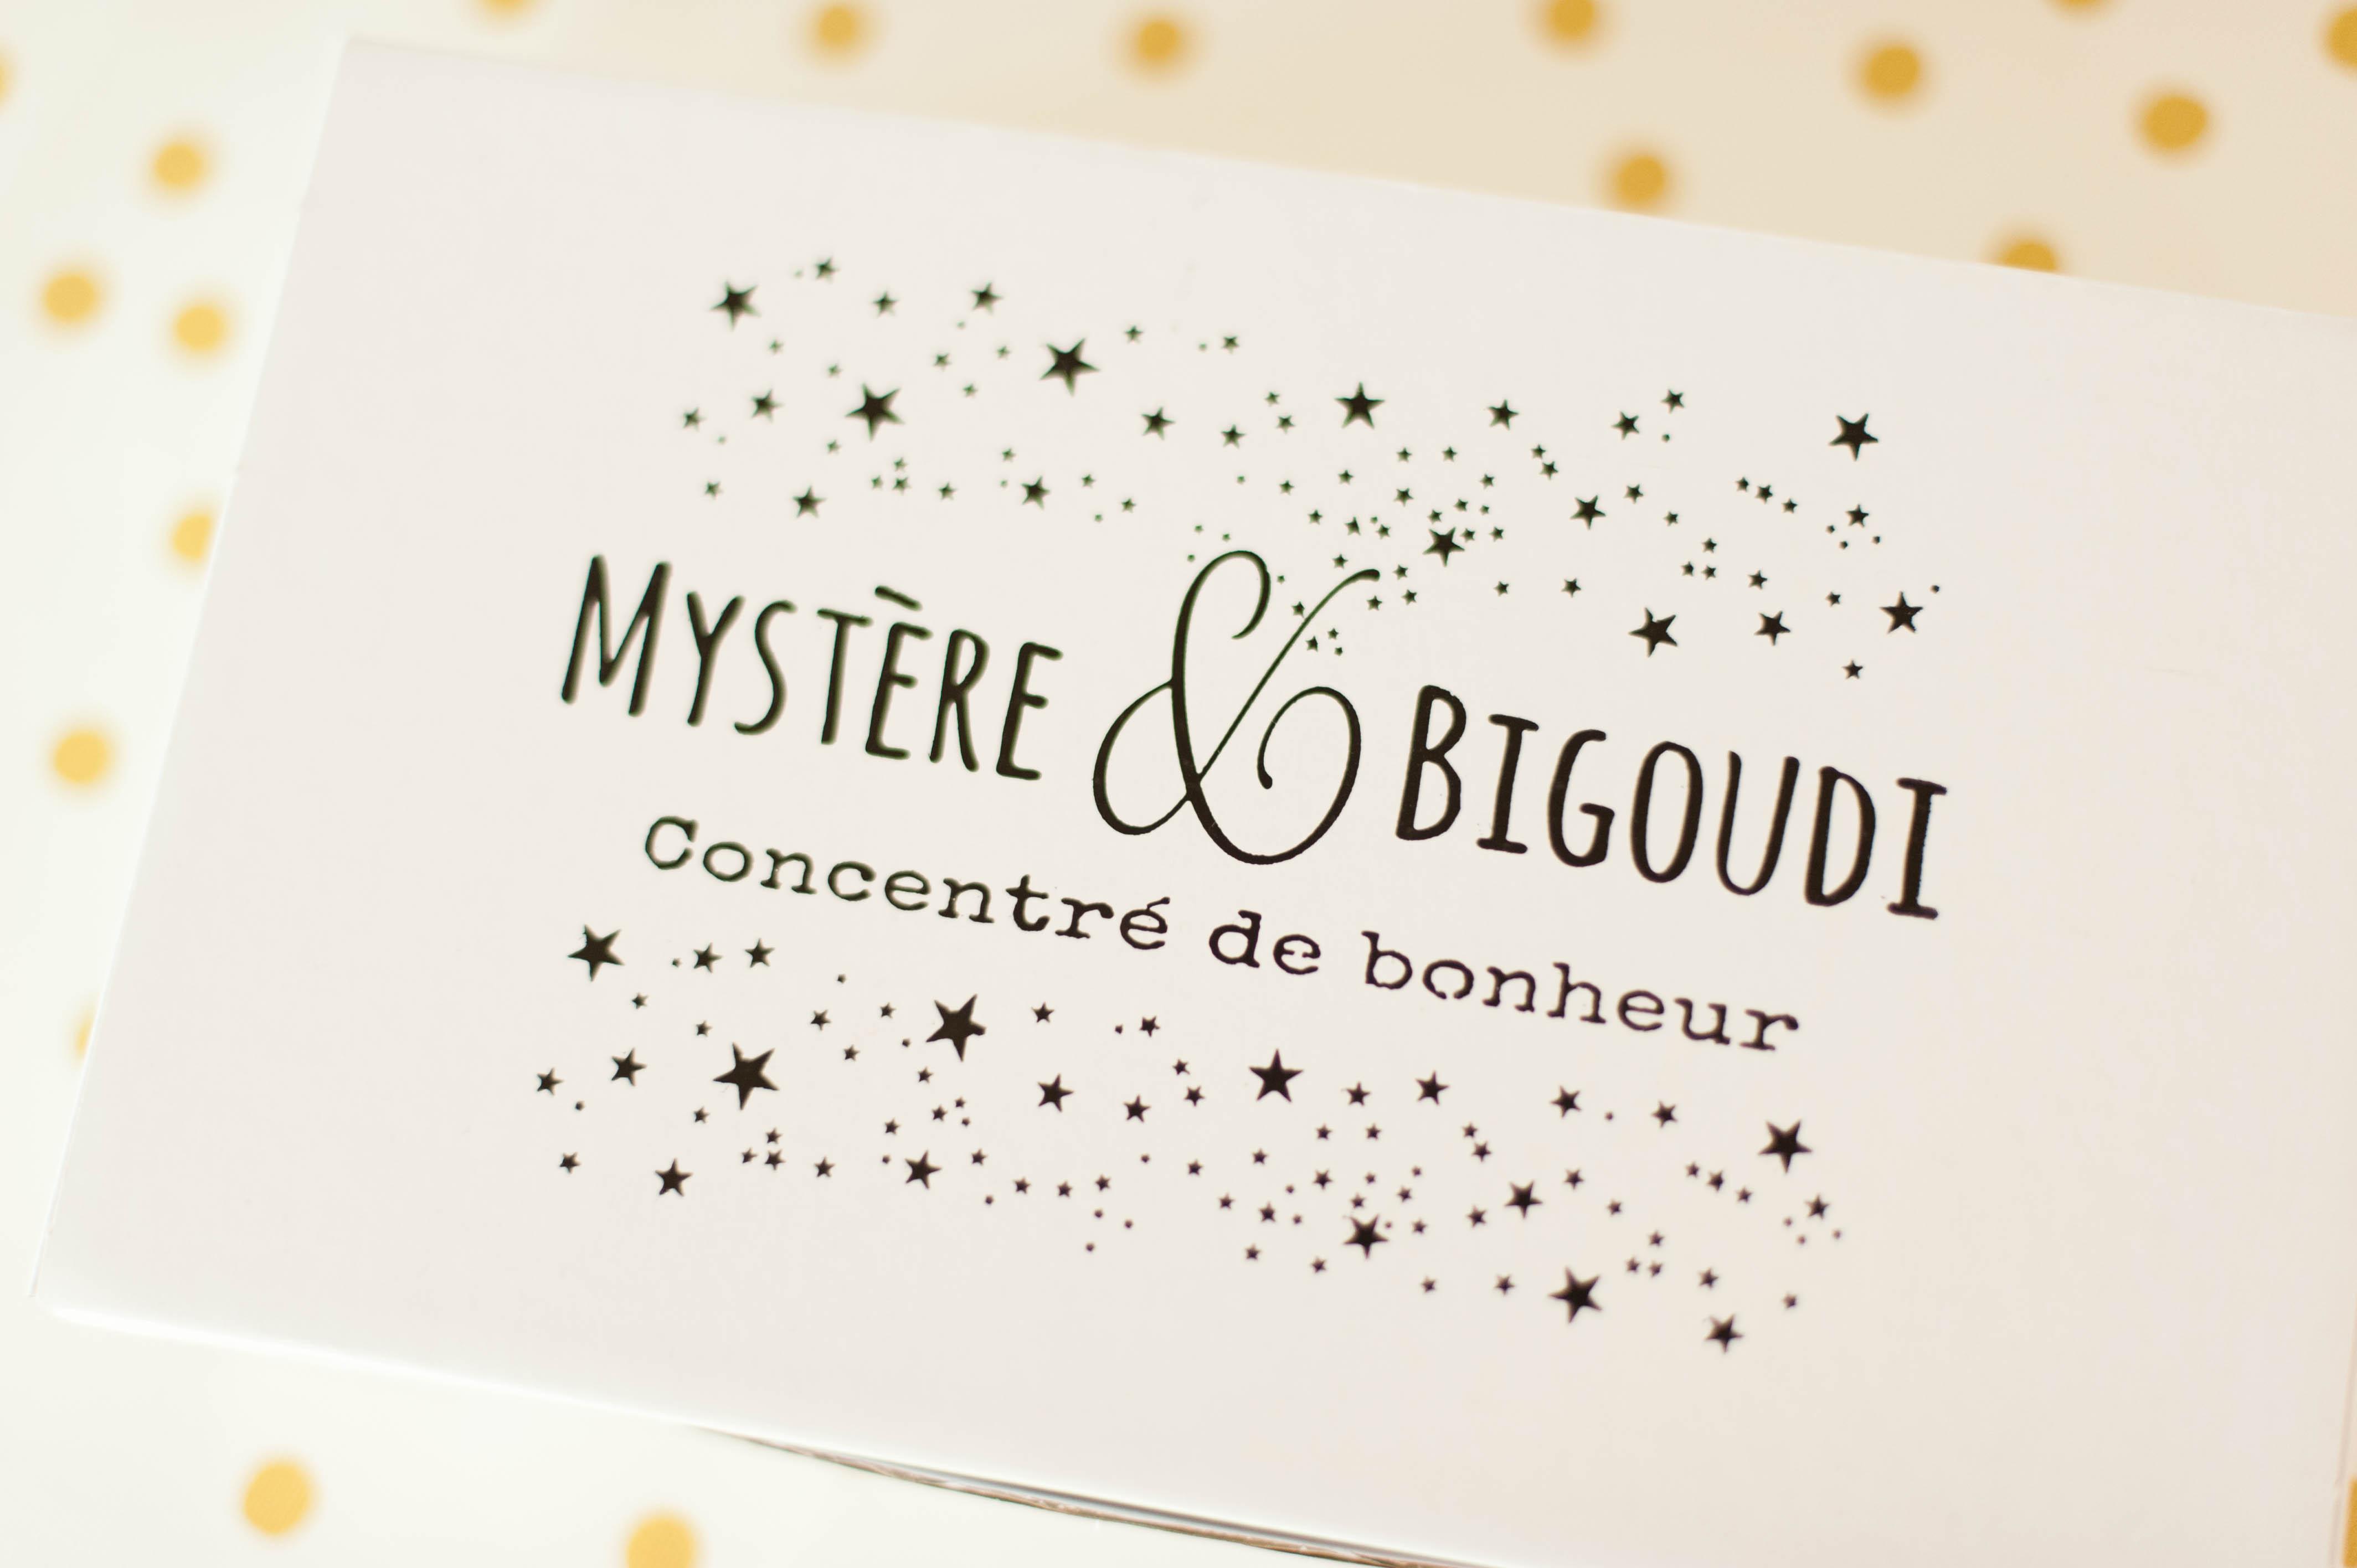 Le coffret Mystère & Bigoudi